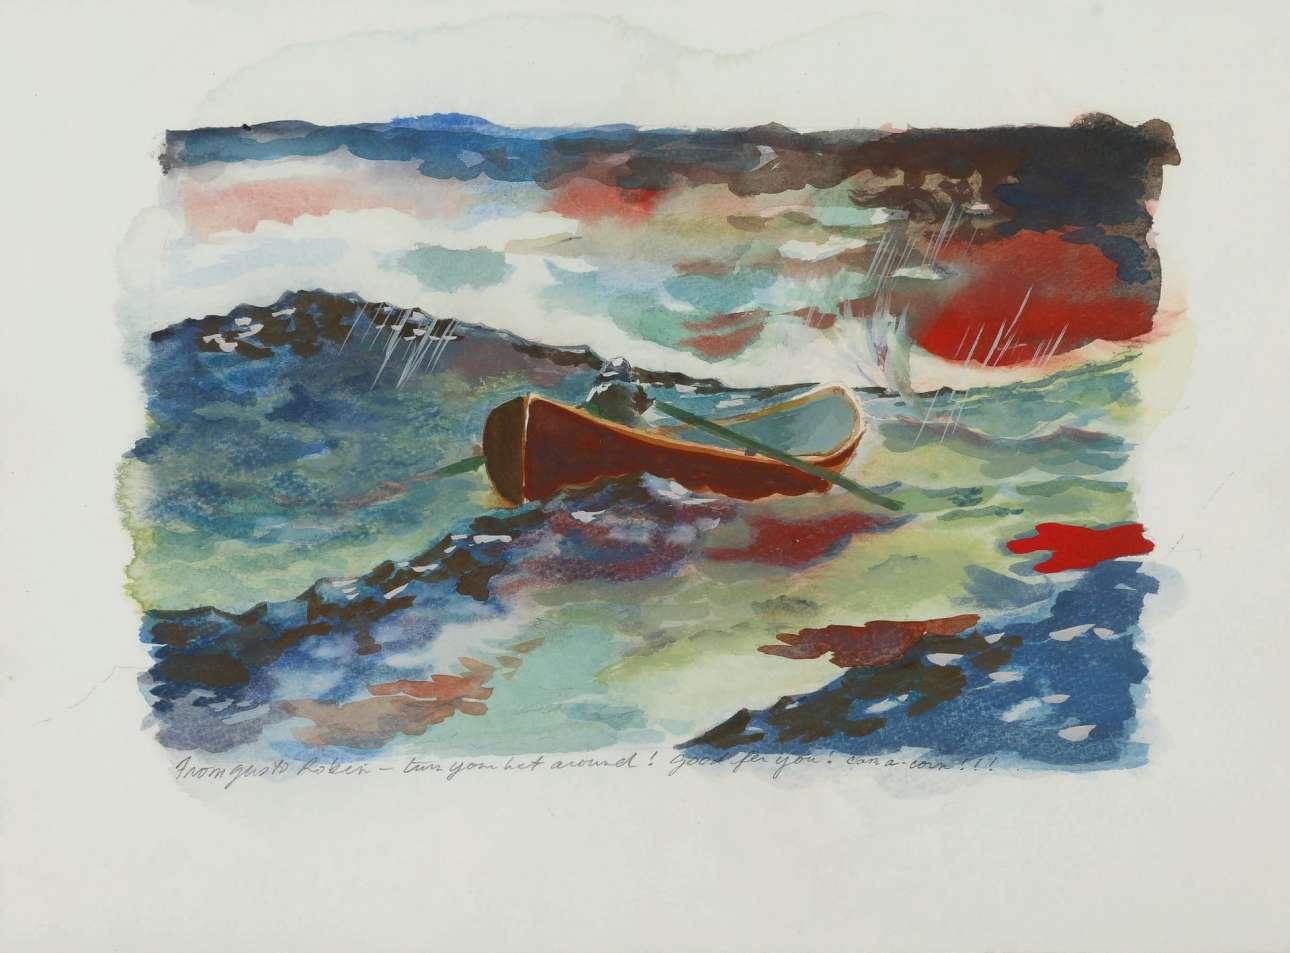 Ζωγραφιά από το σκηνικό της ταινίας «Ο Ξεχωριστός Γουίλ Χάντινγκ» με σημείωση από τον σκηνοθέτη Γκας Βαν Σαντ που γράφει: «Από τον Γκας στον Ρόμπιν - γύρισε τη βάρκα σου! Μπράβο σου! Εύκολο»